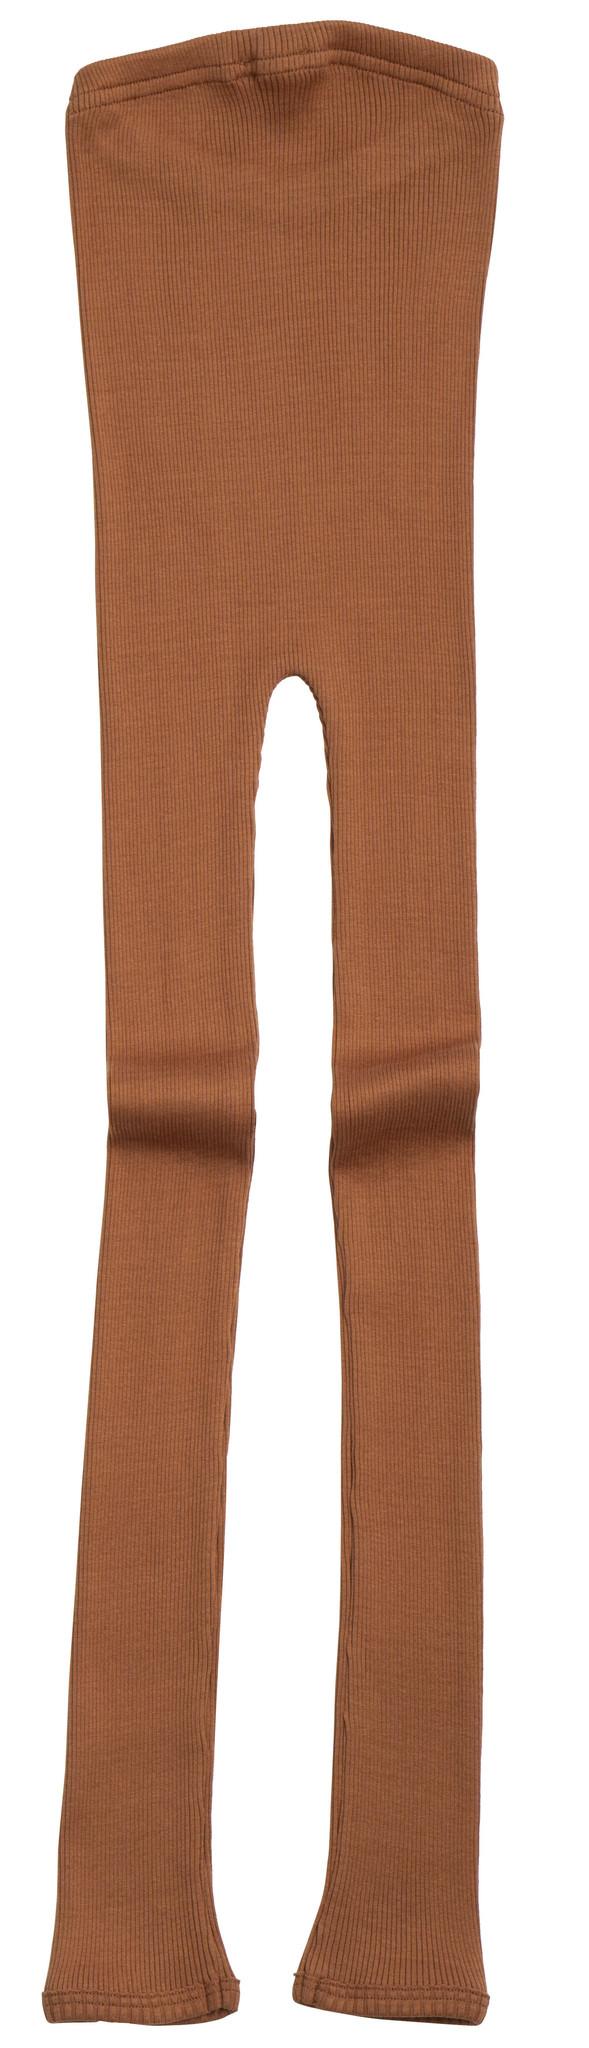 Minimalisma zijden legging BIEBER - fijne rib - 70% zijde - rooibos - 1m tm 14 jaar